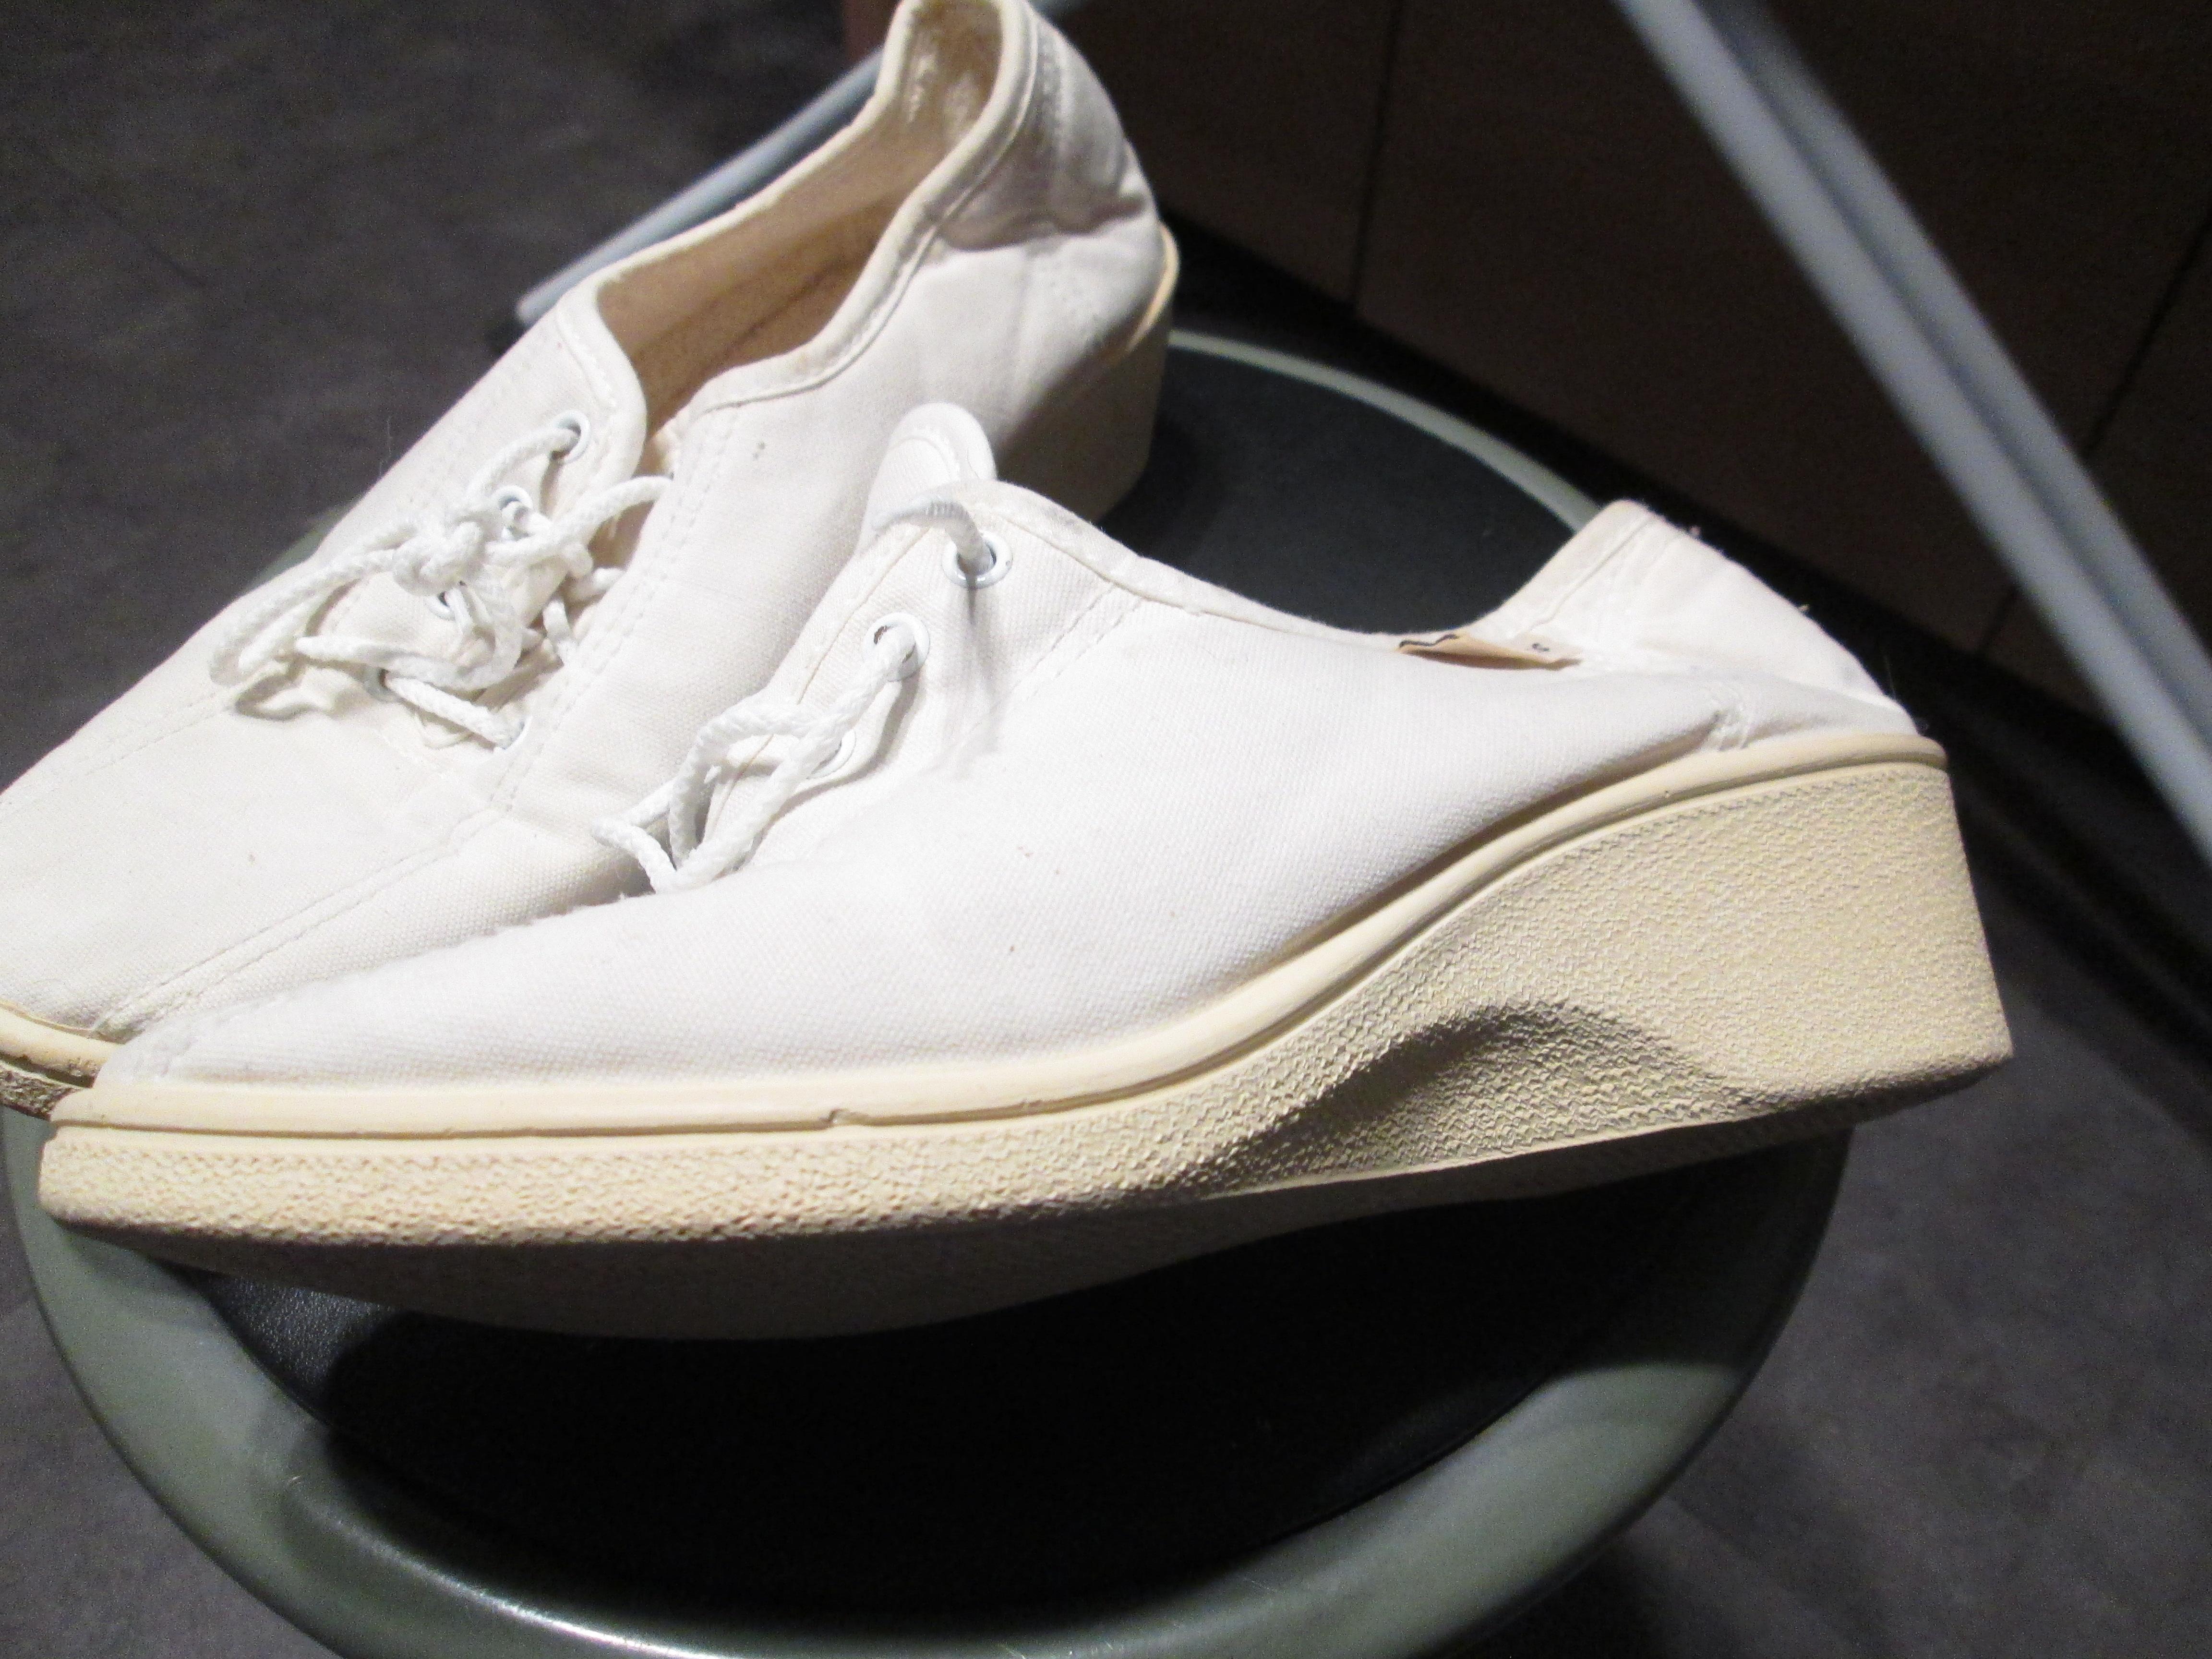 troc de troc chaussurespointure 36  toile pour faire de la marche 5 noisettes image 1